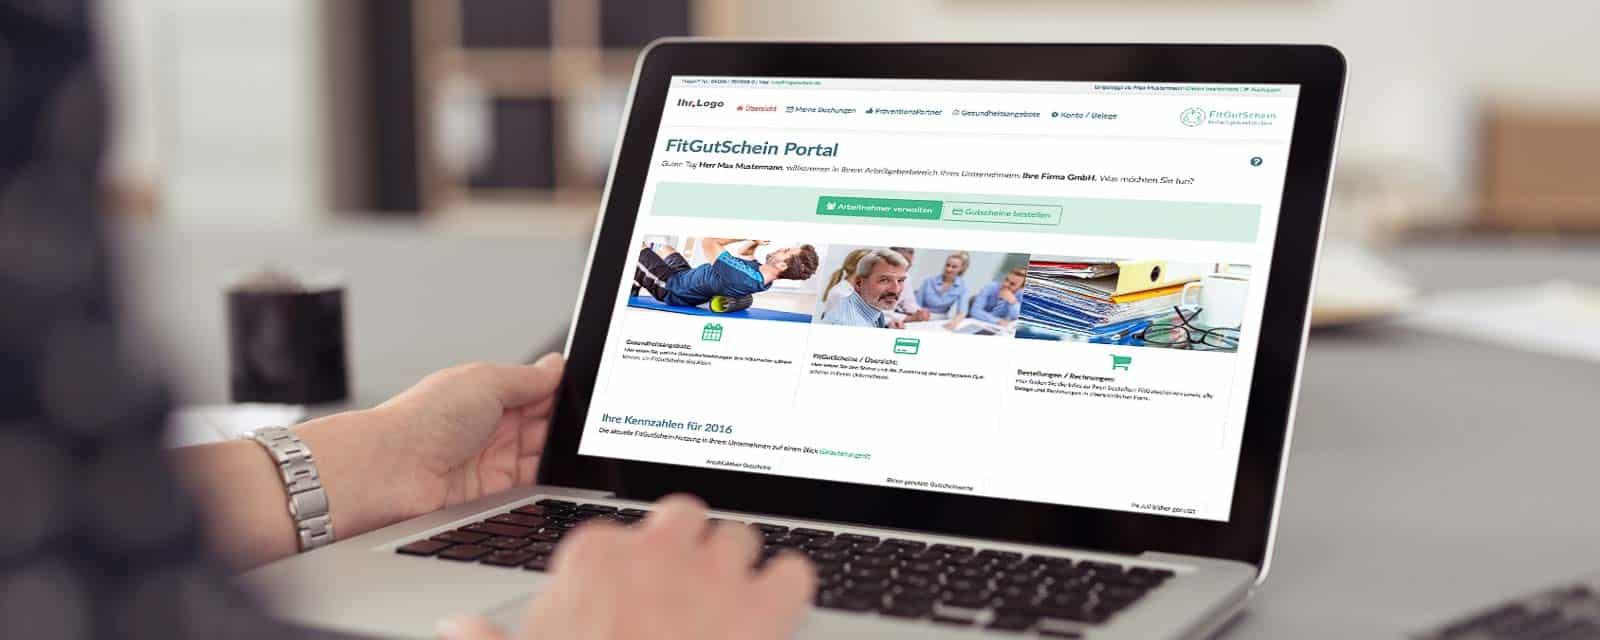 fitgutschein-arbeitgeber-portal